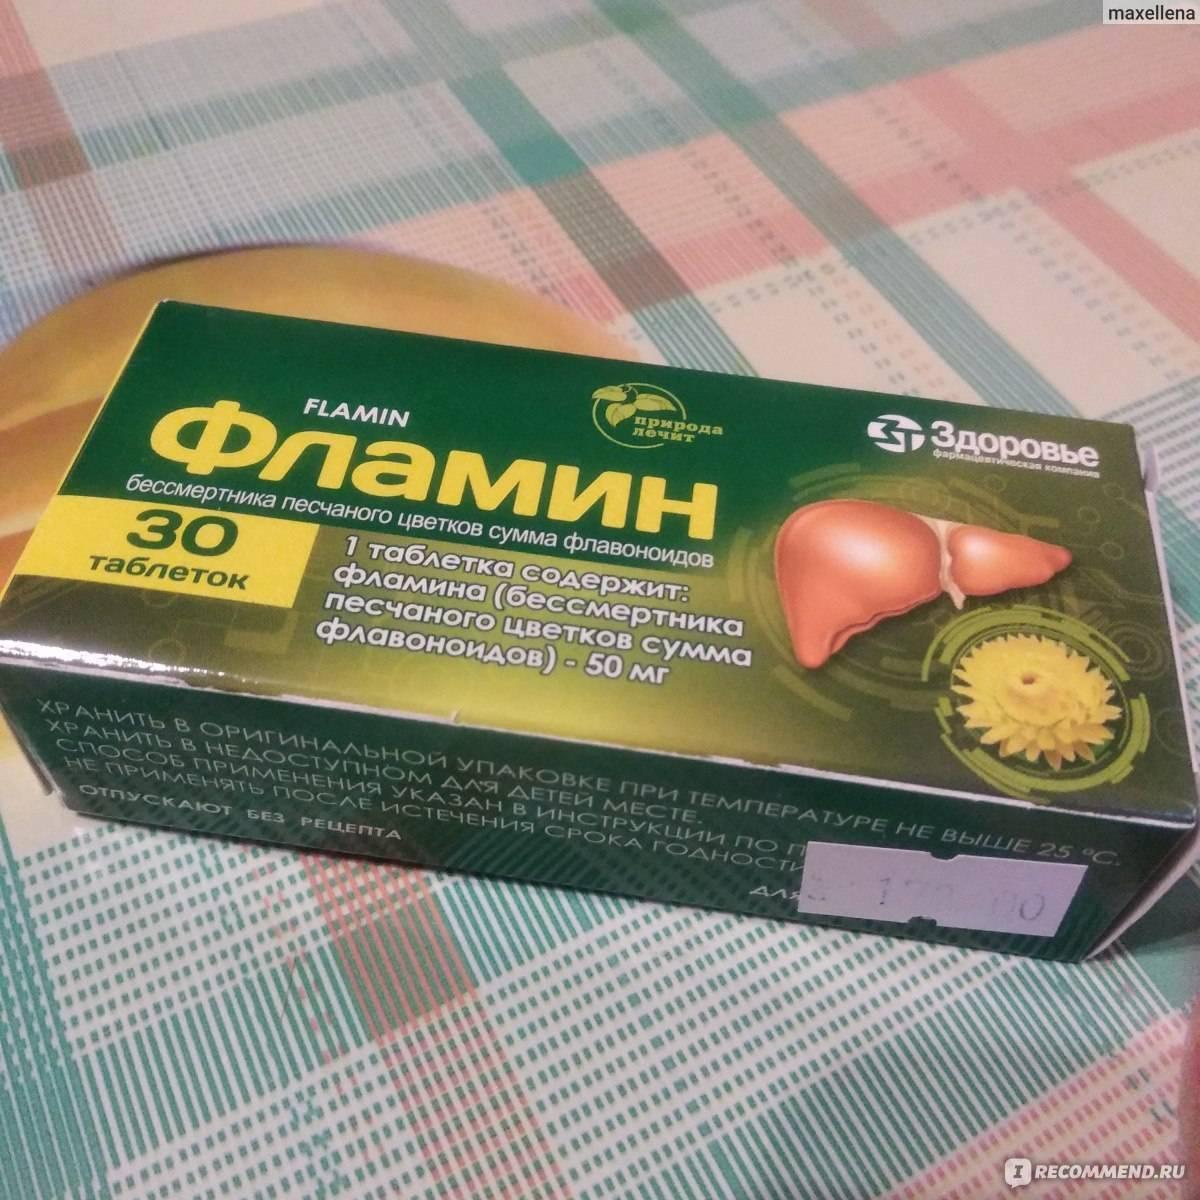 Желчегонные препараты при перегибе желчного пузыря у взрослых